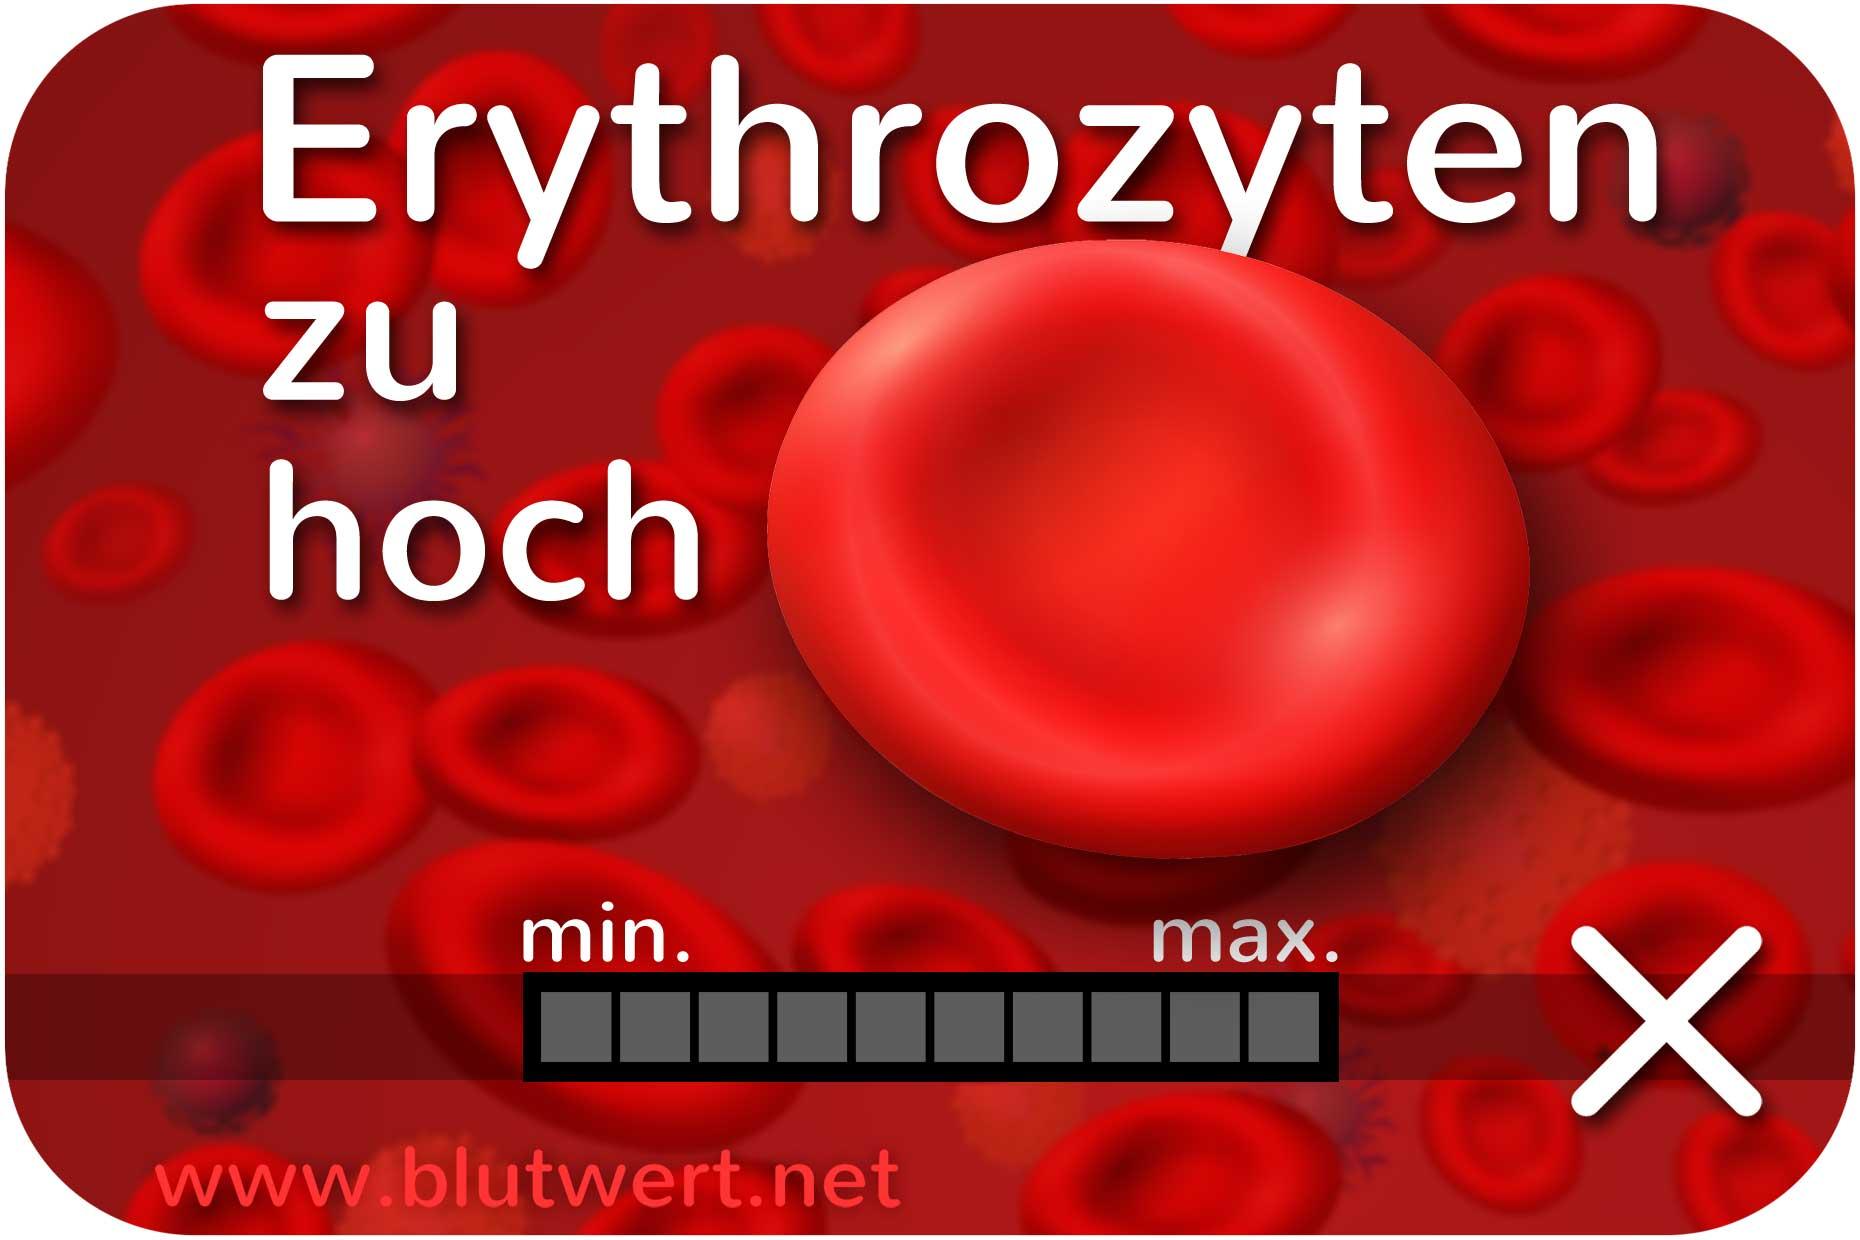 Erythrozyten zu hoch blutwert ery erh ht for Kuchenschranke zu hoch